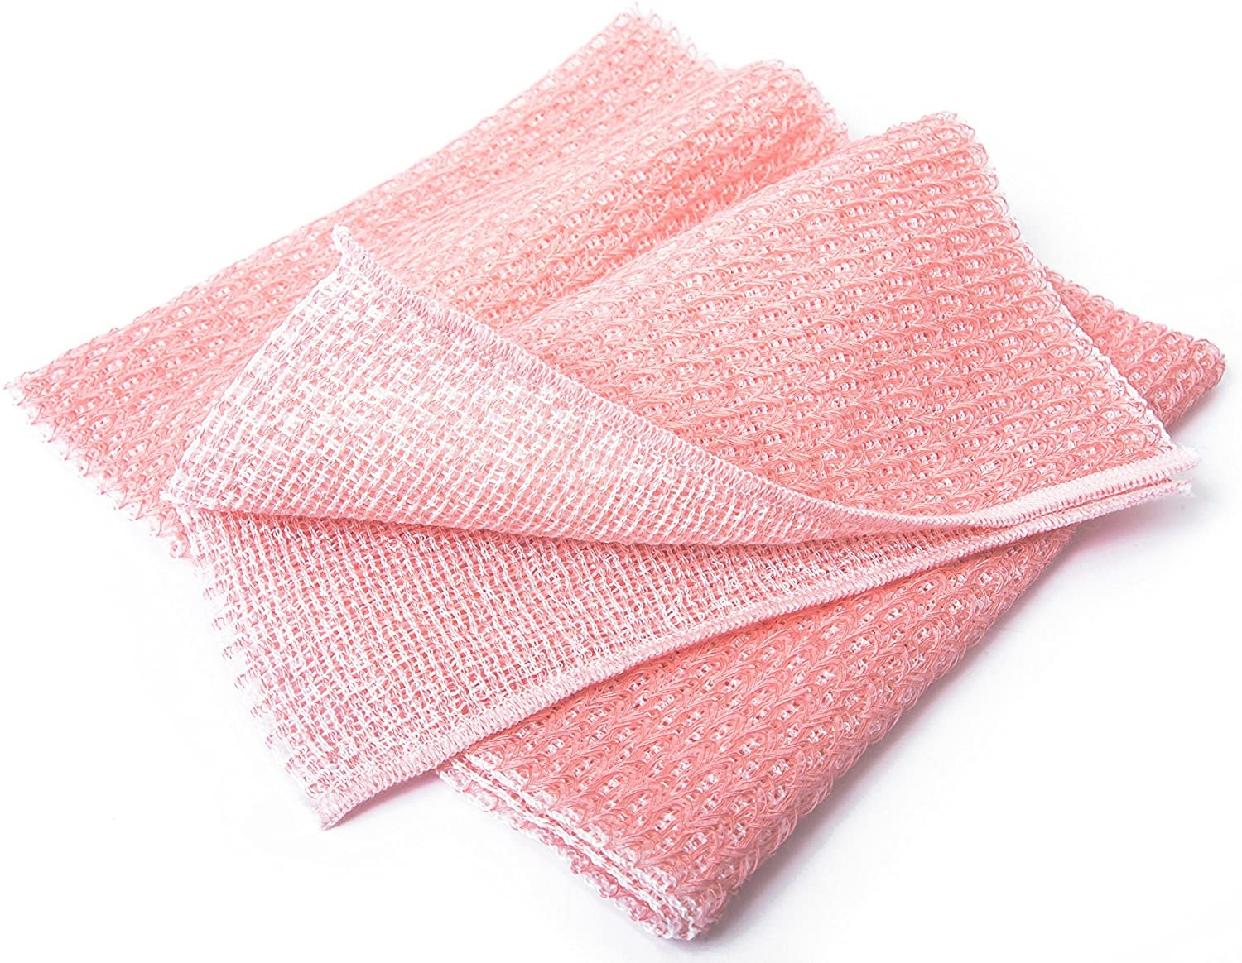 MINON(ミノン)ミノンやさしく洗う弱酸性タオルの商品画像3